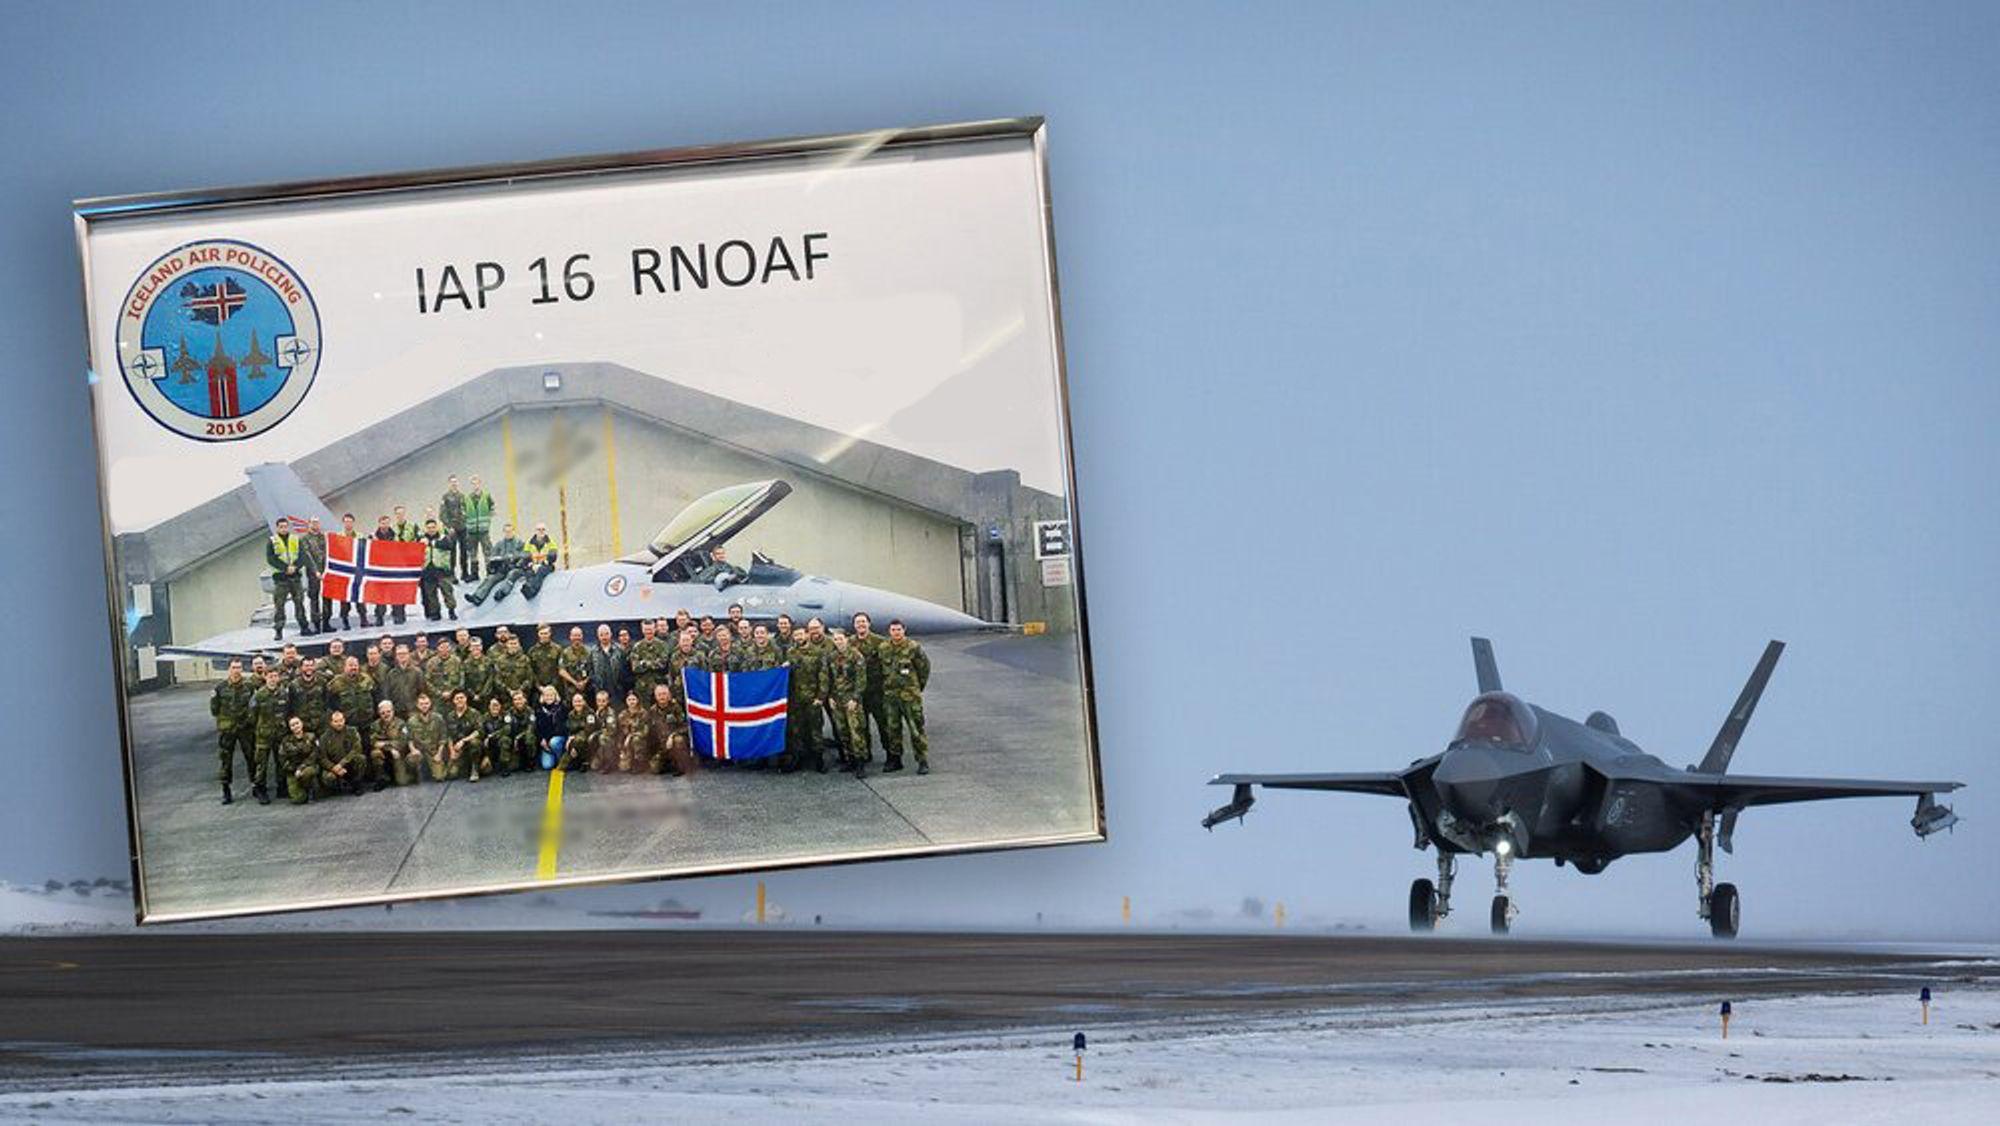 Etter fire års pause, der Luftforsvaret har hatt nok med innfasing av nye kampfly, har de nå i mars igjen tatt på seg «Iceland Air Policing»-oppdraget. Bildet med F-16 viser detasjementet i 2016 og henger på veggen på messa på Keflavik.